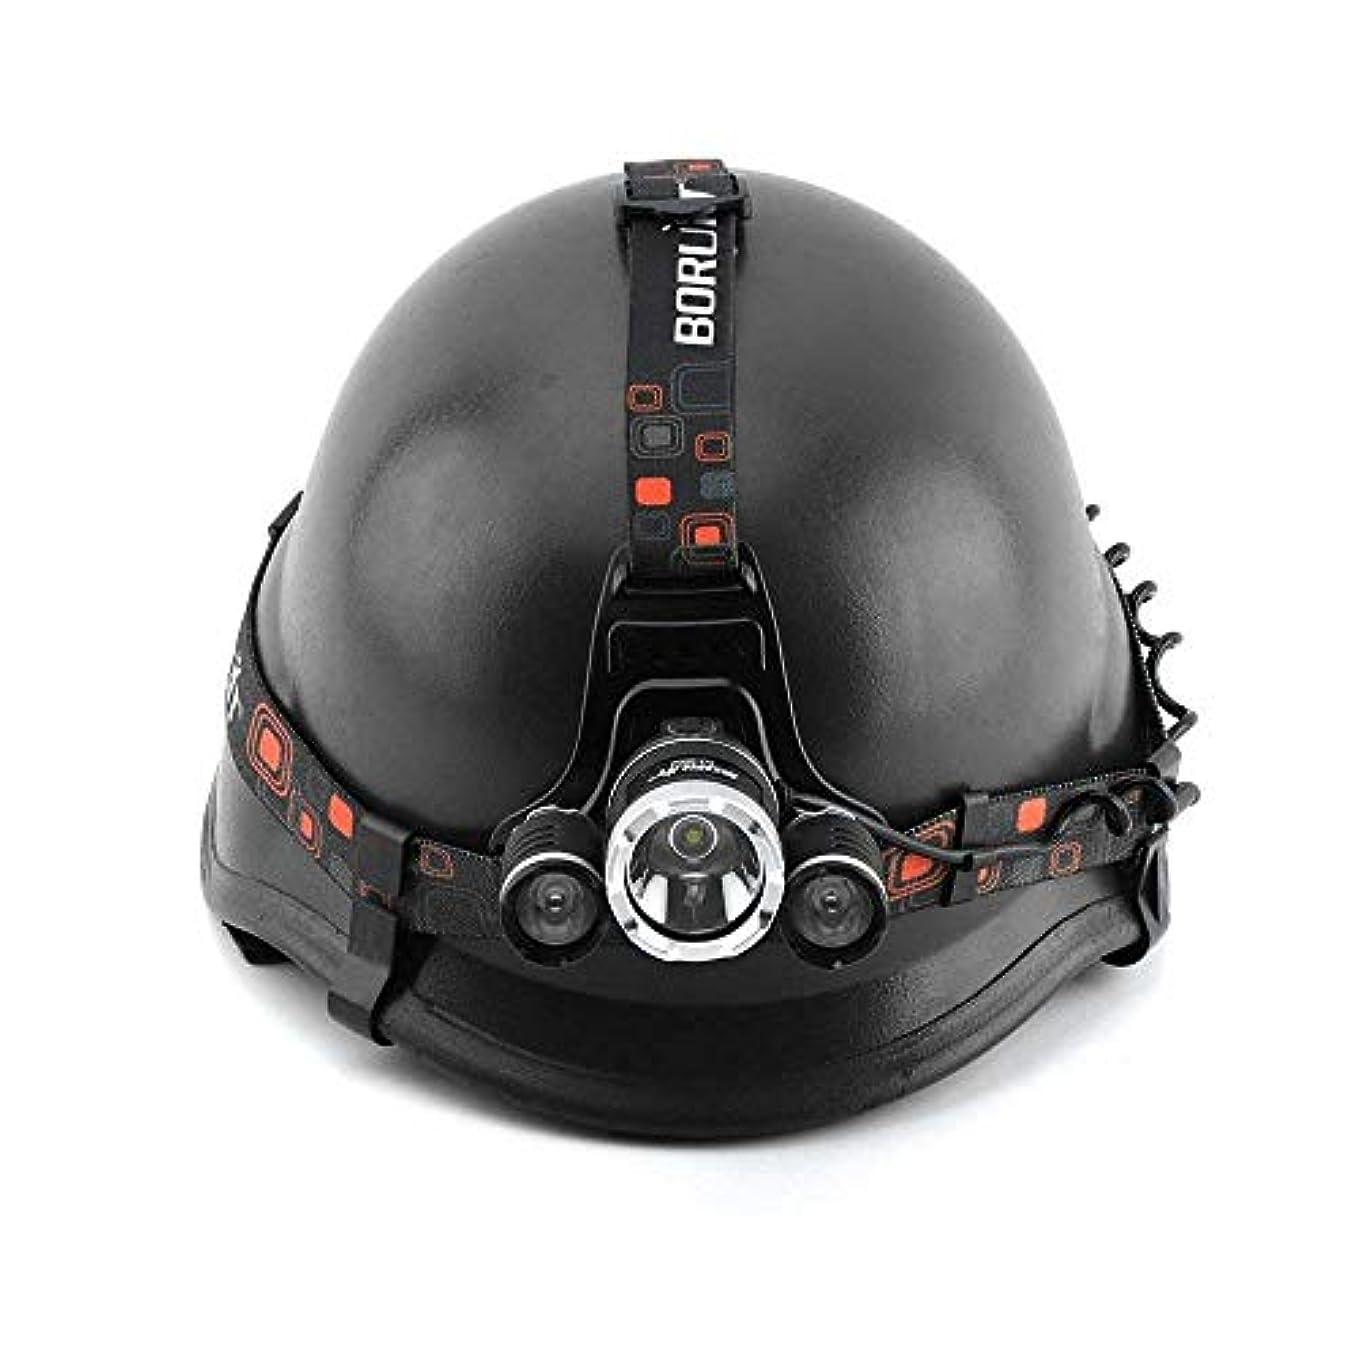 意識リベラル完璧coraly ヘルメットホルダー HOL-01 ヘッドライト用 固定バンド ワンタッチタイプ バンドを外さなくてもOK